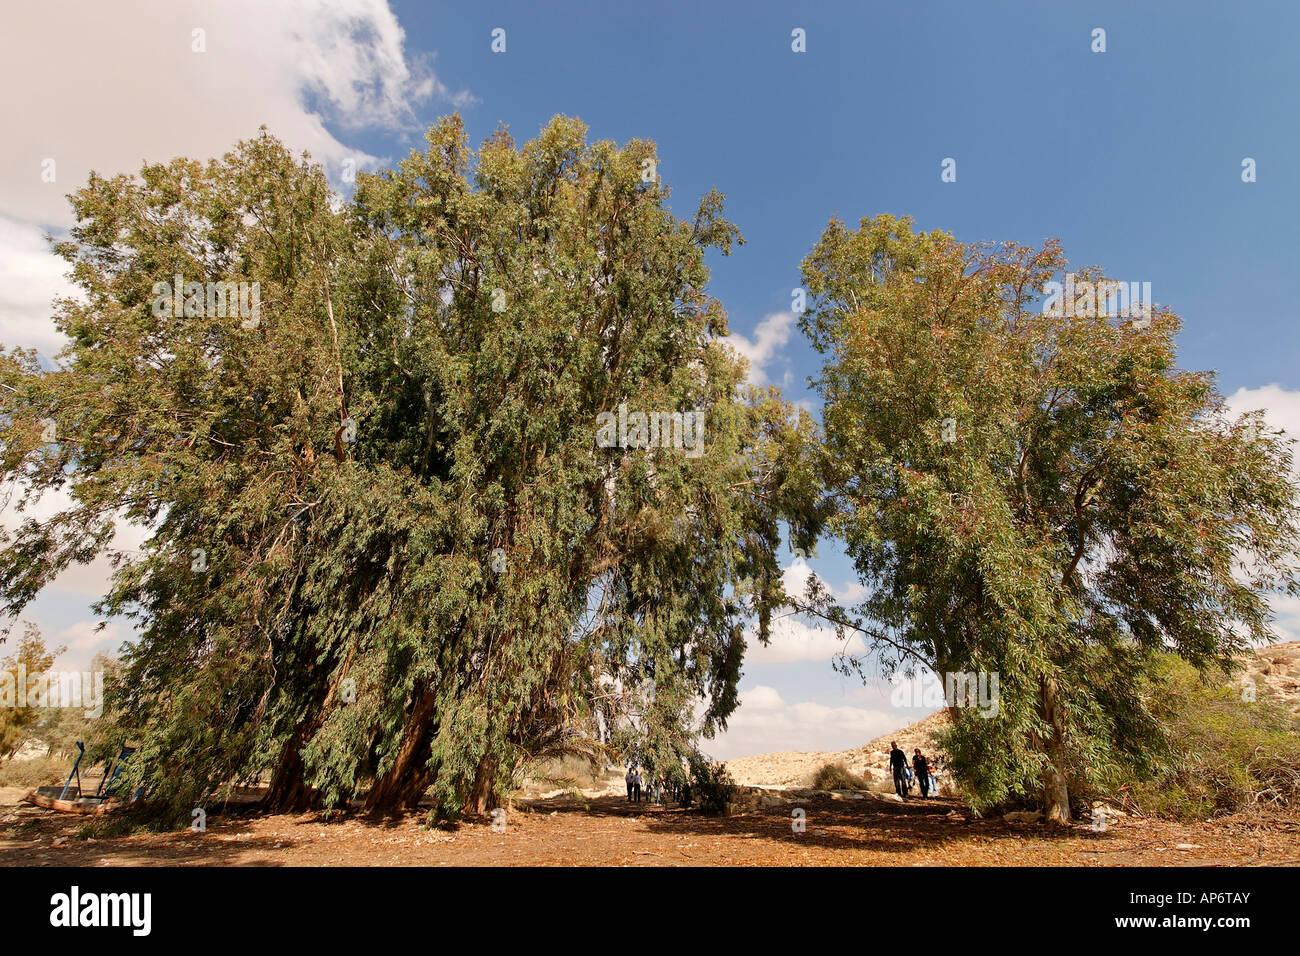 Israel the Negev Desert Eucalyptus tree in Be erotaim - Stock Image